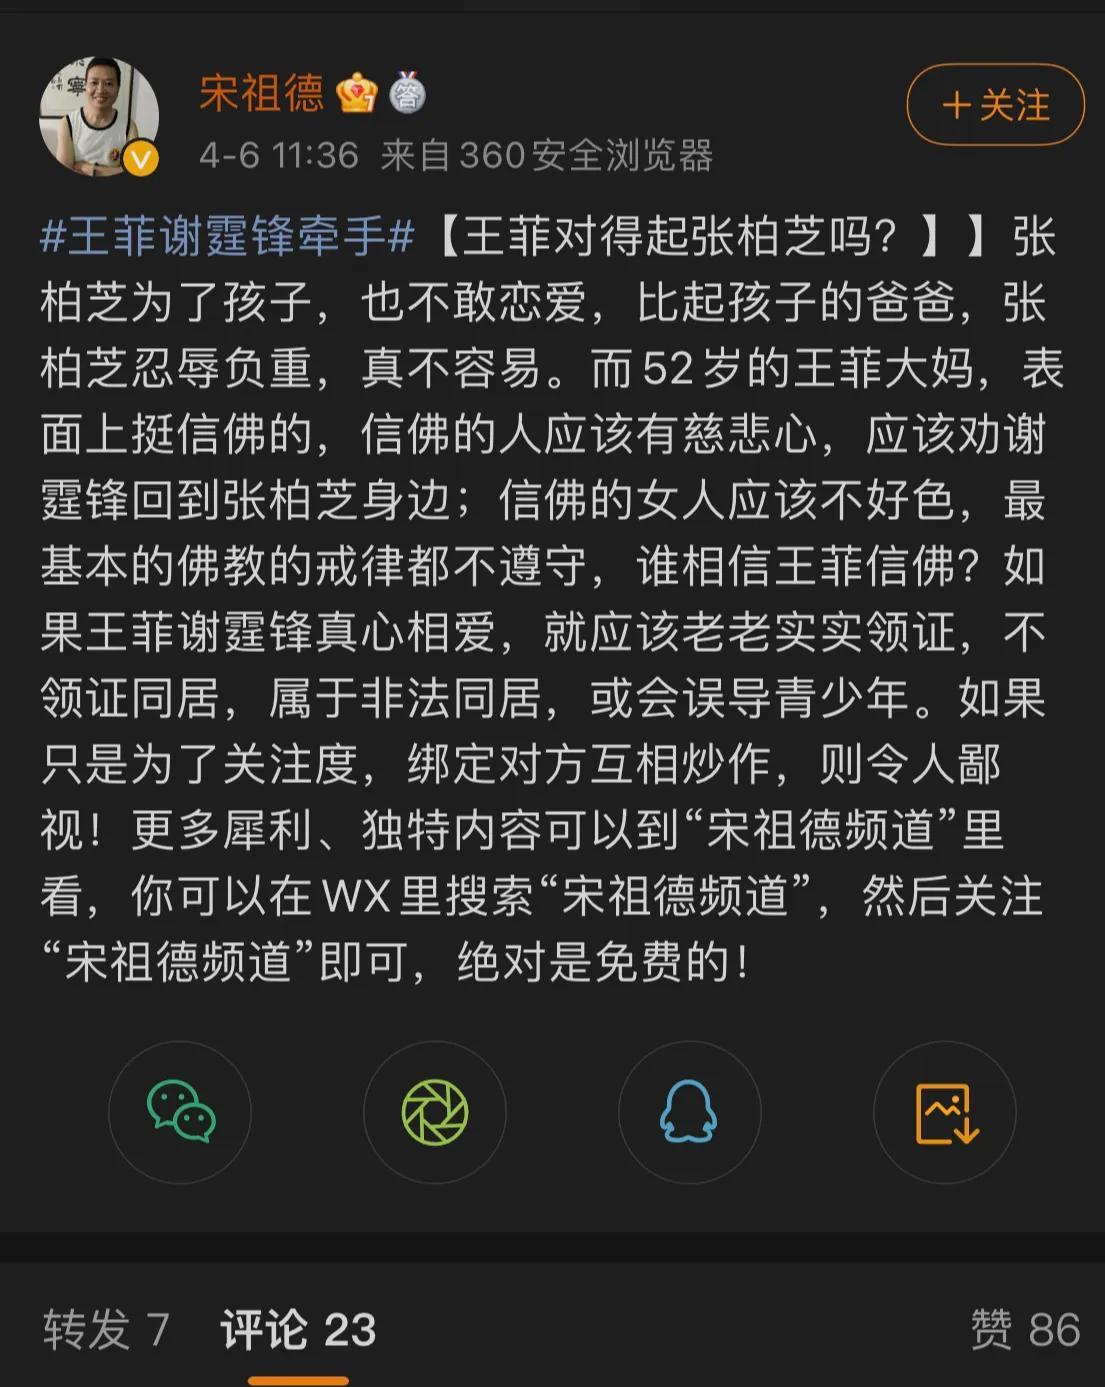 """断言德云社2024年倒闭,痛骂郭德纲:宋祖德为何如此""""狂妄""""?"""